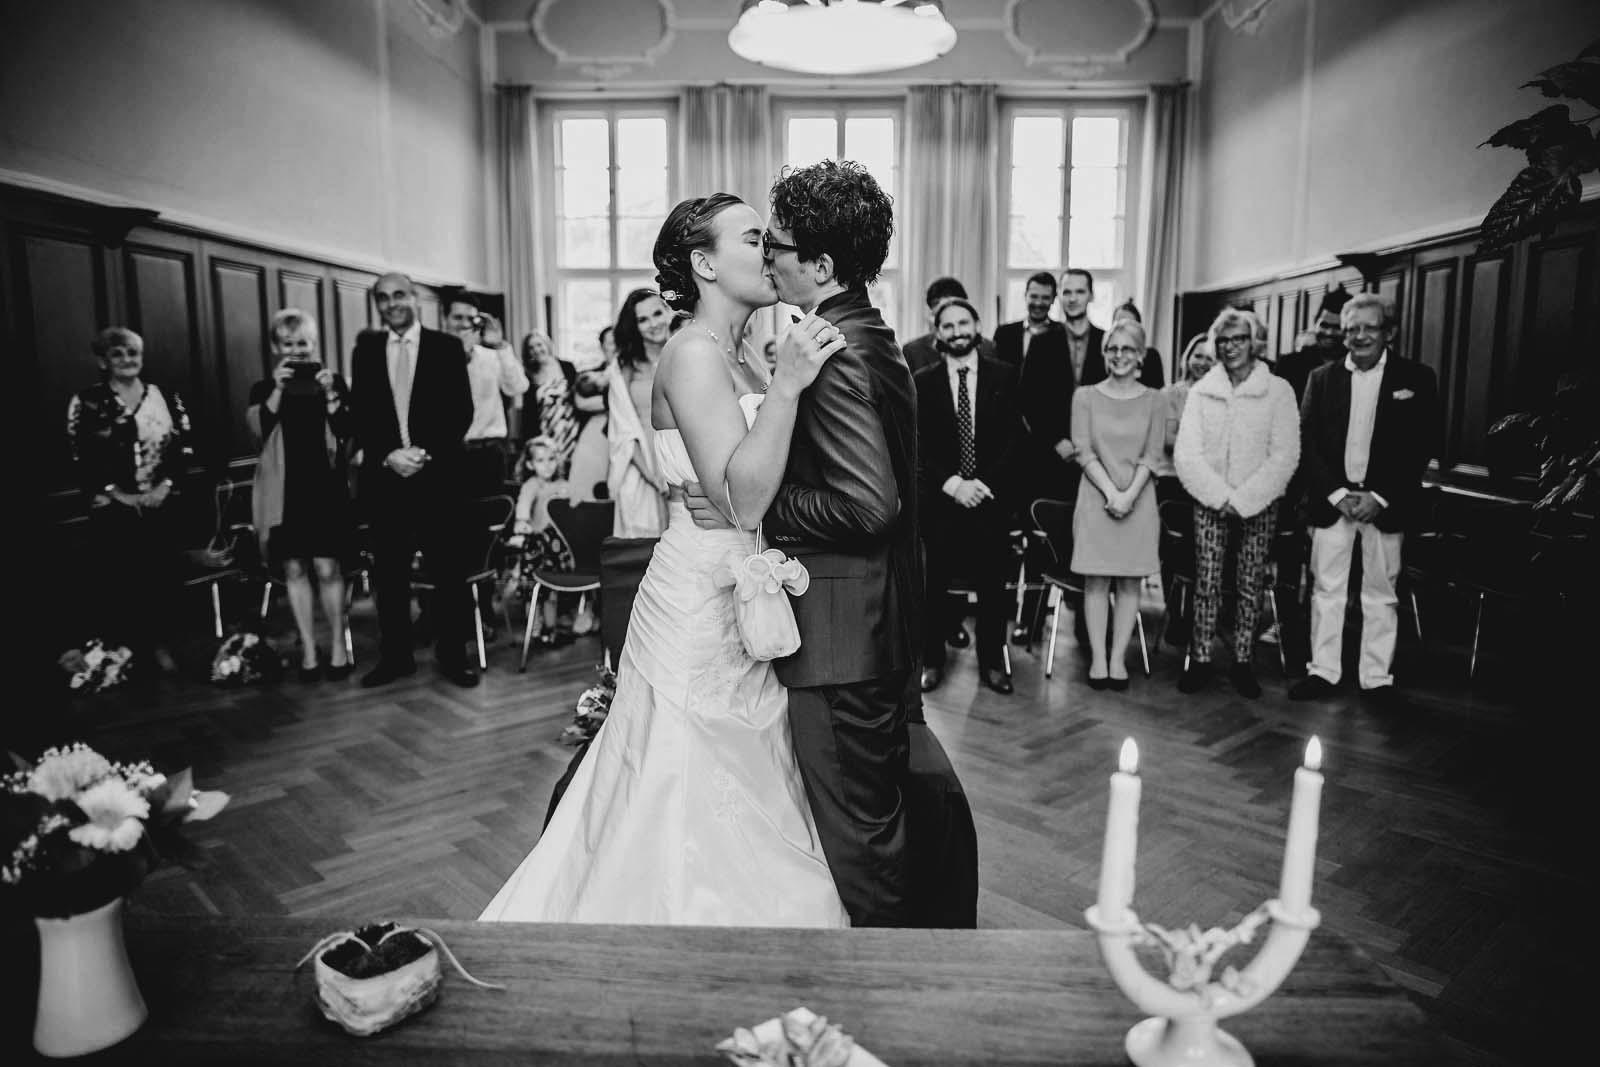 Foto vom Brautpaar beim Kuss im Standesamt Schloss Criewen Copyright by Hochzeitsfotograf www.berliner-hochzeitsfotografie.de